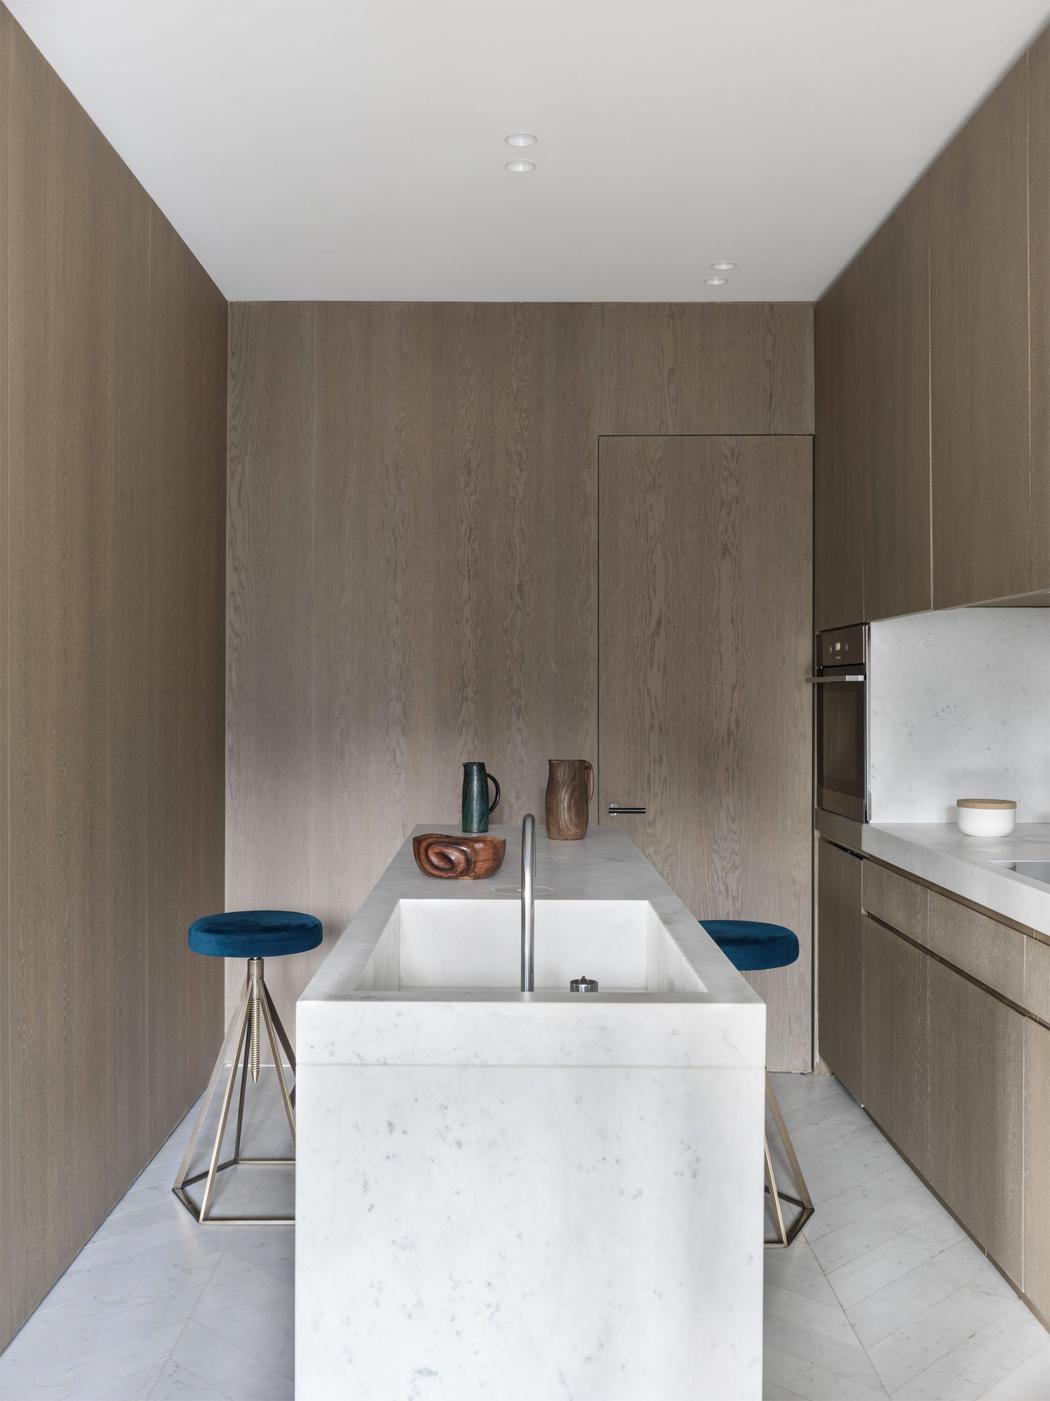 jr-apartement-by-Nicolas-Schuybroek.-8.png